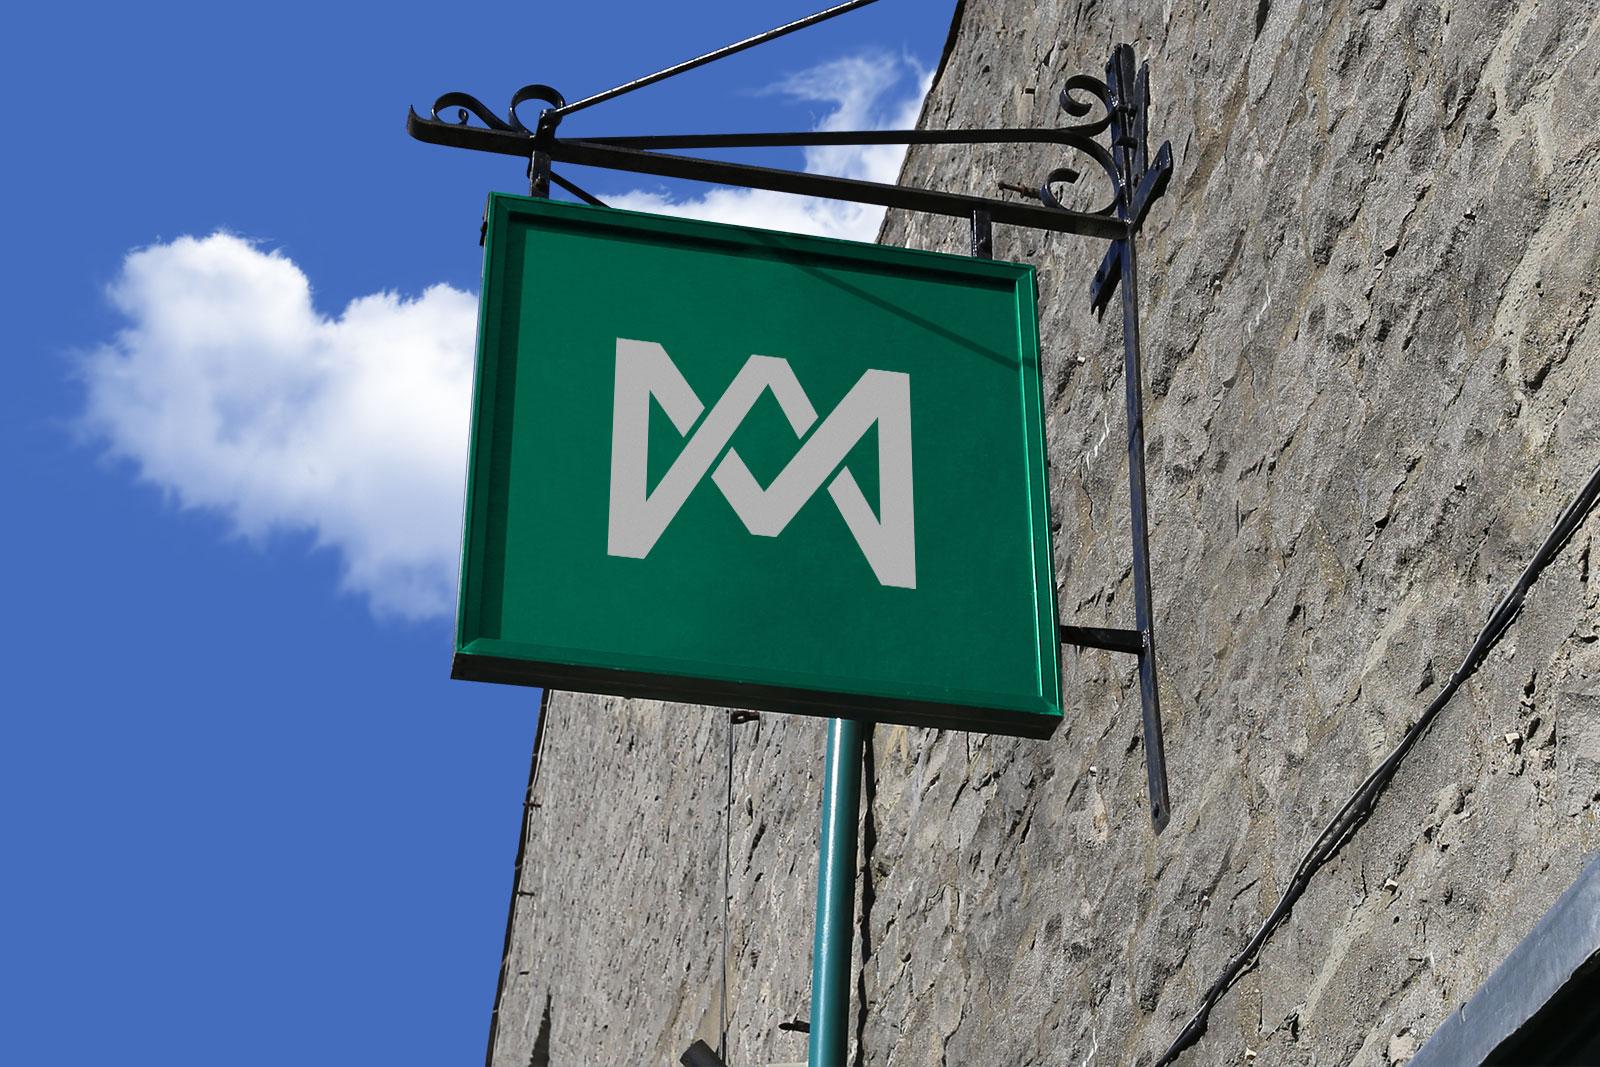 Free-Wall-Mounted-Shop-Sign-Board-Mockup-PSD